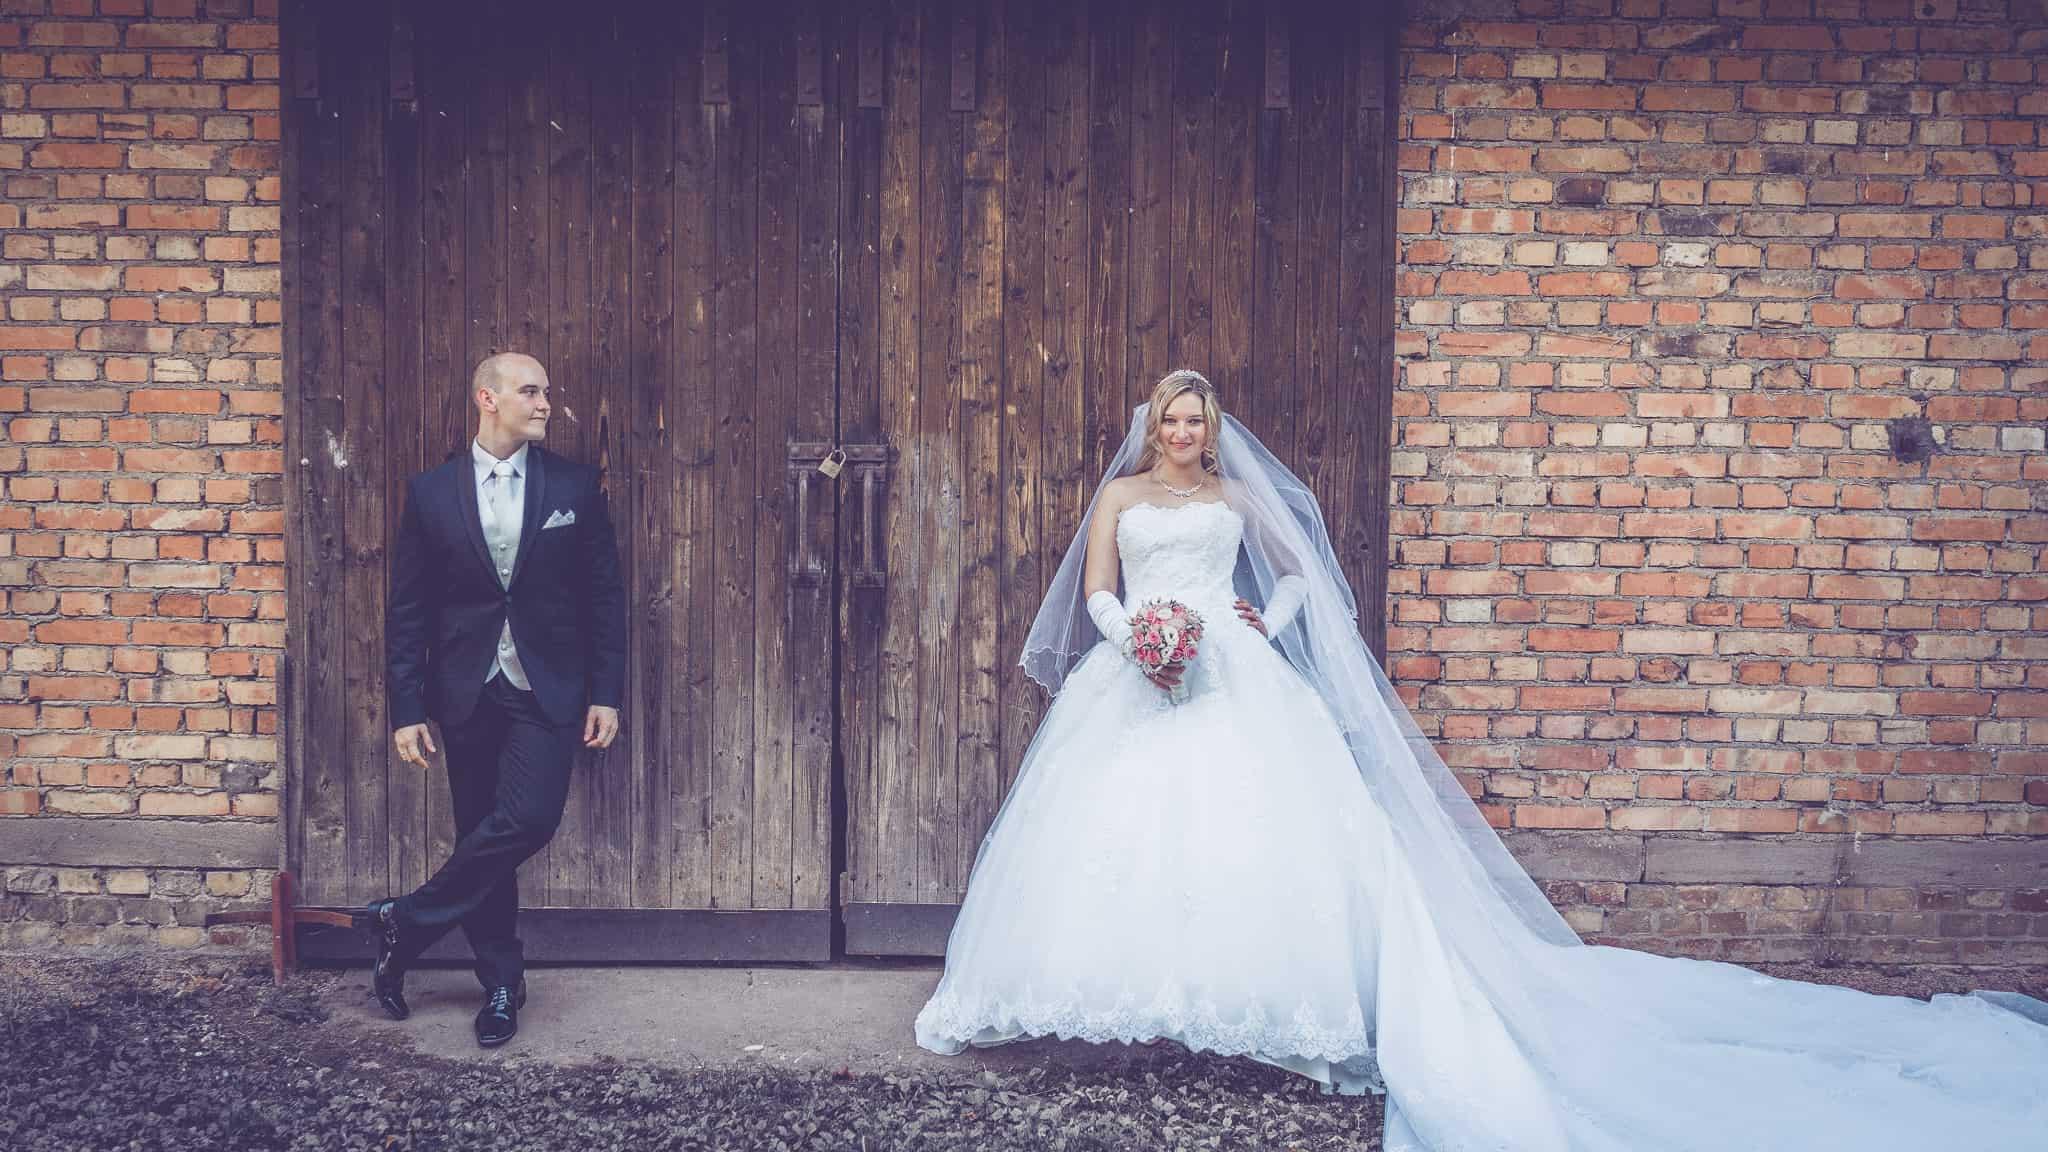 Hochzeit aufgenommen von Fotograf in Mauchenheim www.janweber.photography Alzey Kirchheimbolanden